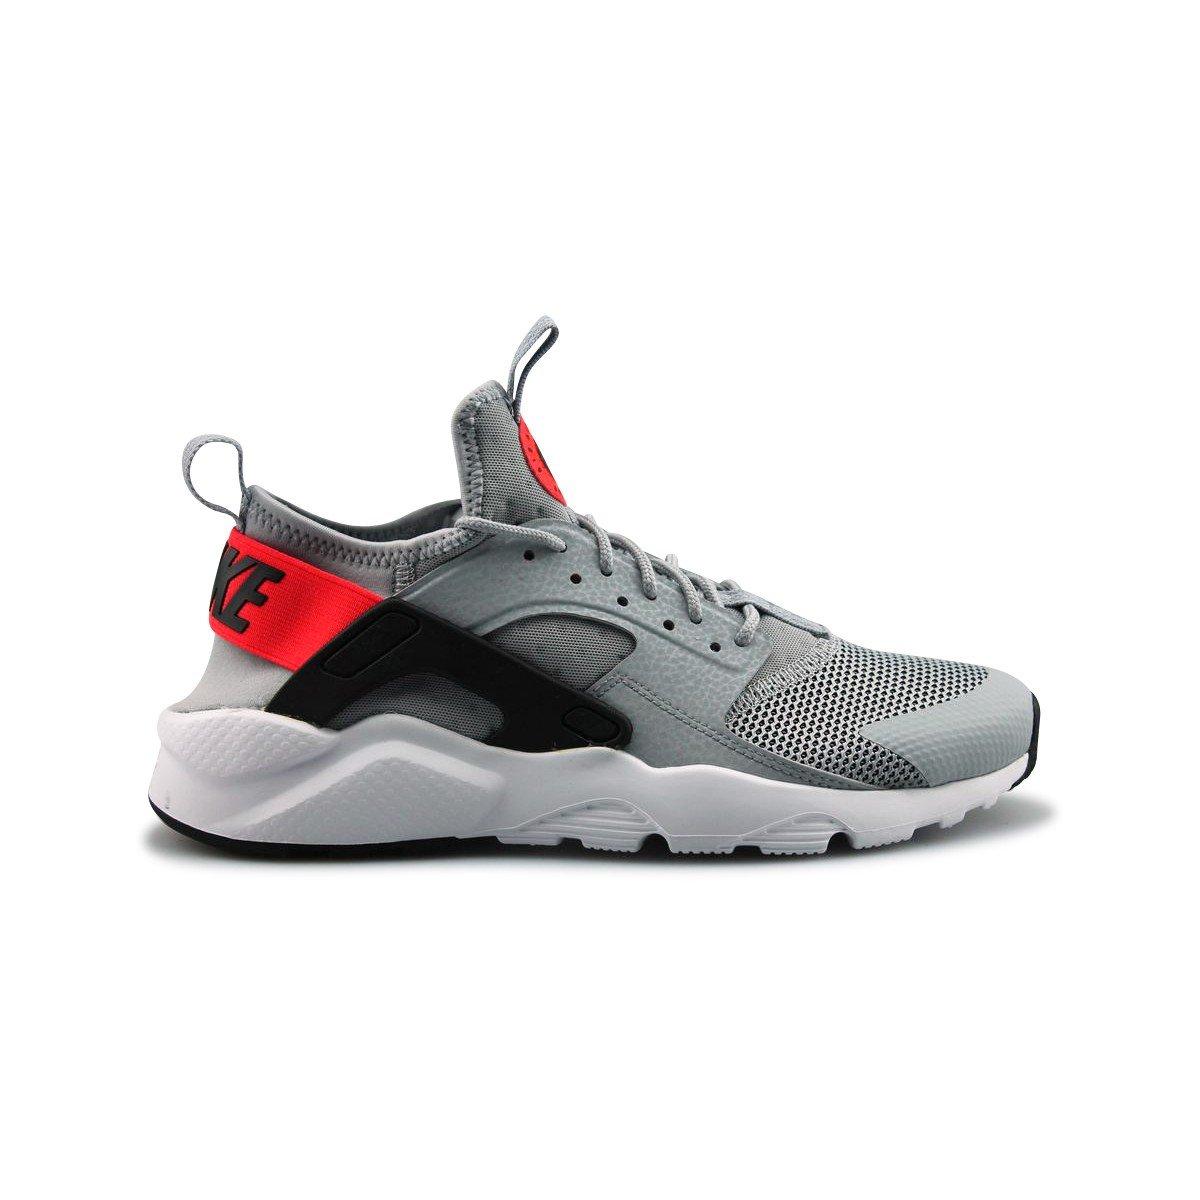 c270a0f47fc ... denmark nike grey air huarache run ultra 15385 gs zapatillas de run  running para hombre gris